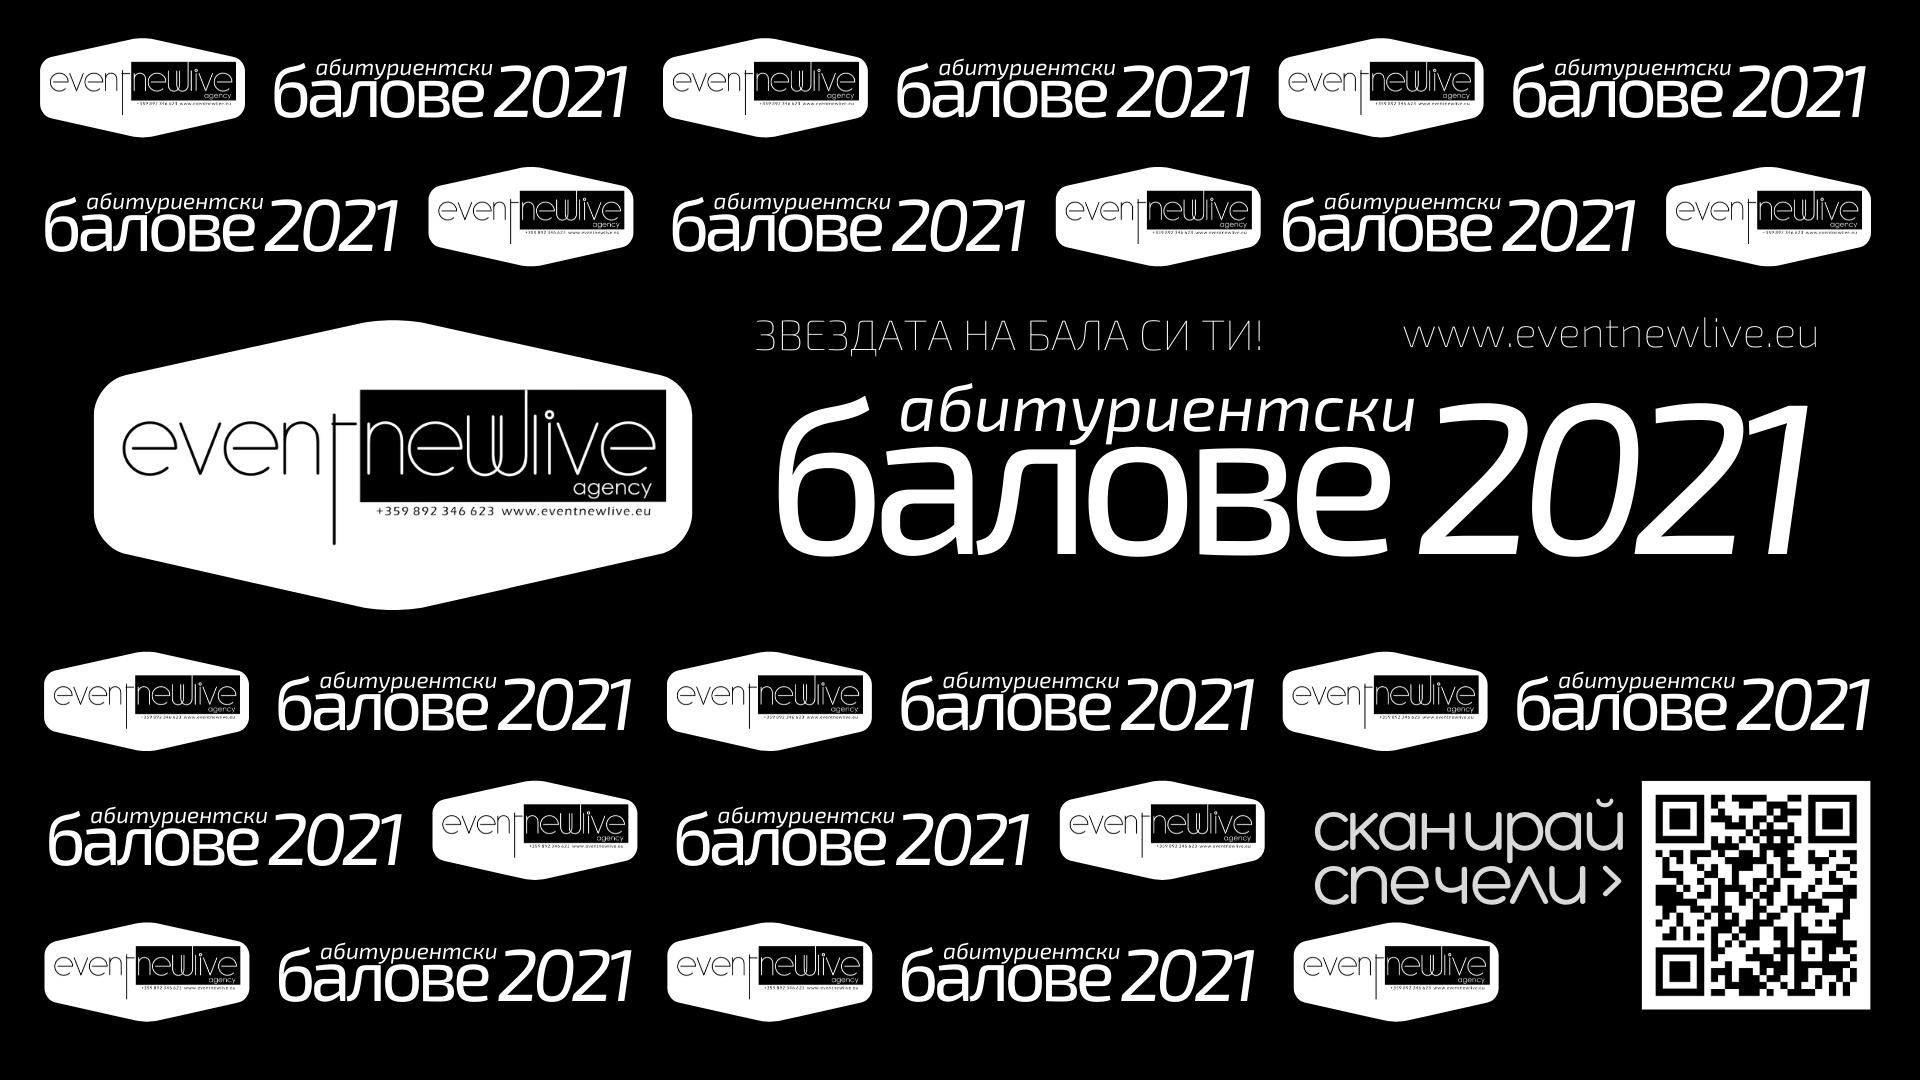 Балове 2021 - звездата си ти! - Event NewLive Agency - www.eventnewlie.eu